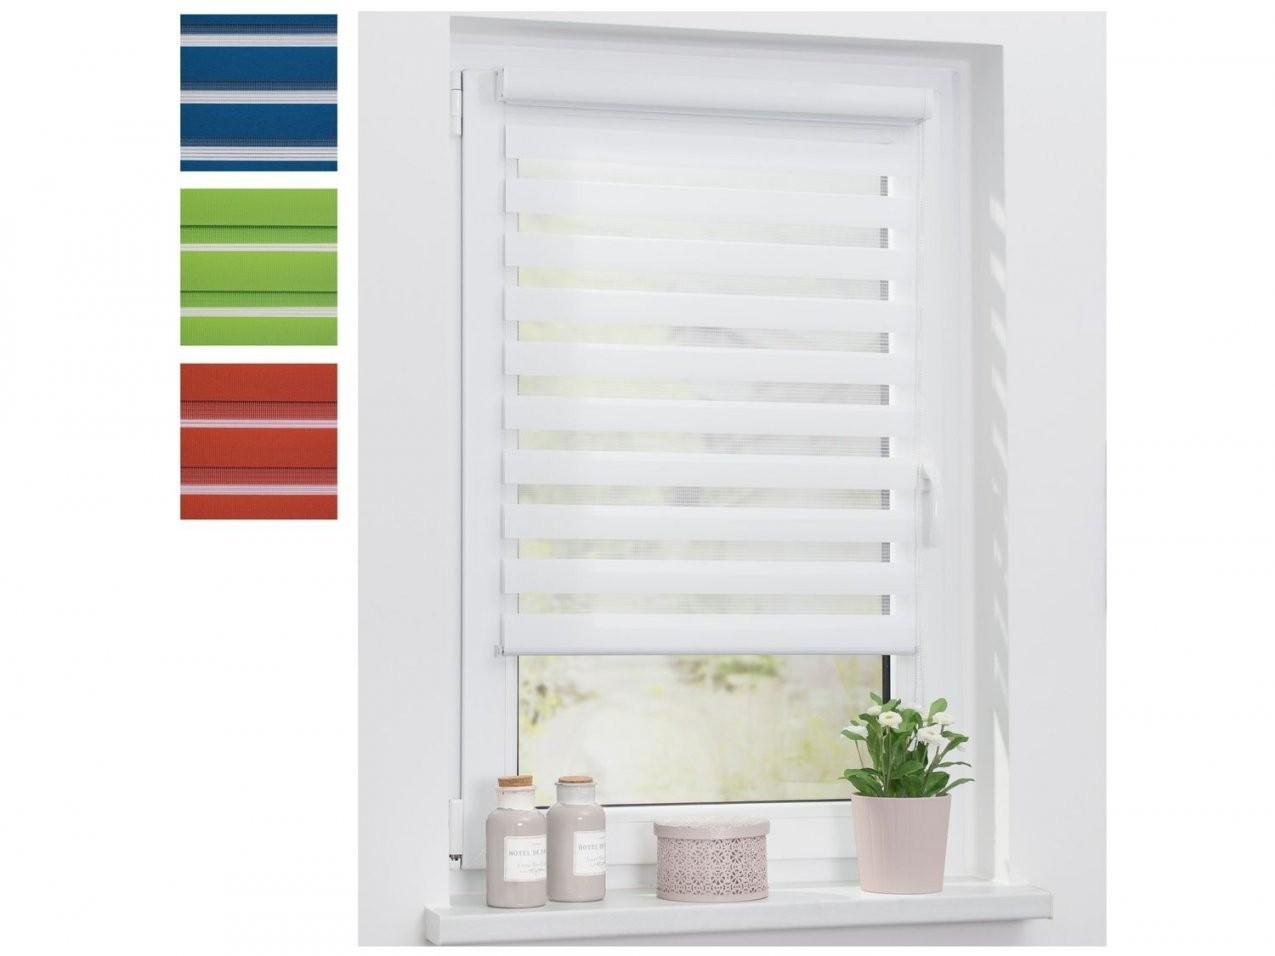 Fenster Rollos Innen Ohne Bohren Plissee F R Fenster Innen Qf55 von Fenster Rollos Innen Ohne Bohren Bild